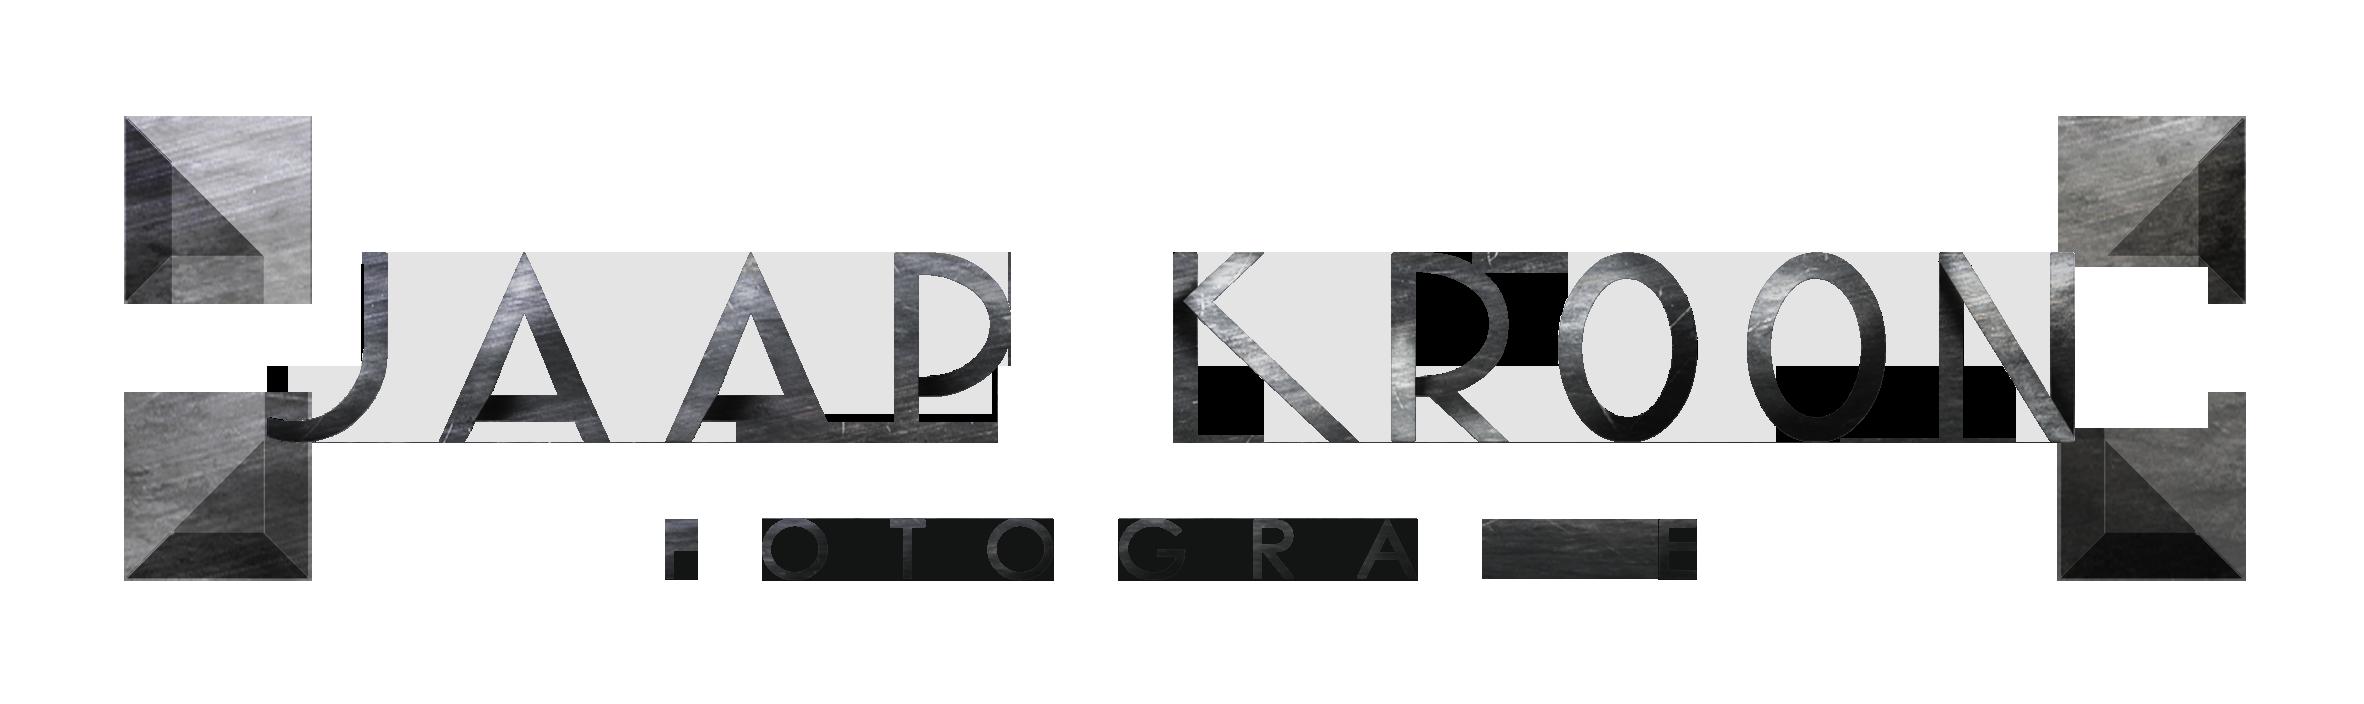 Jaap Kroon Fotografie